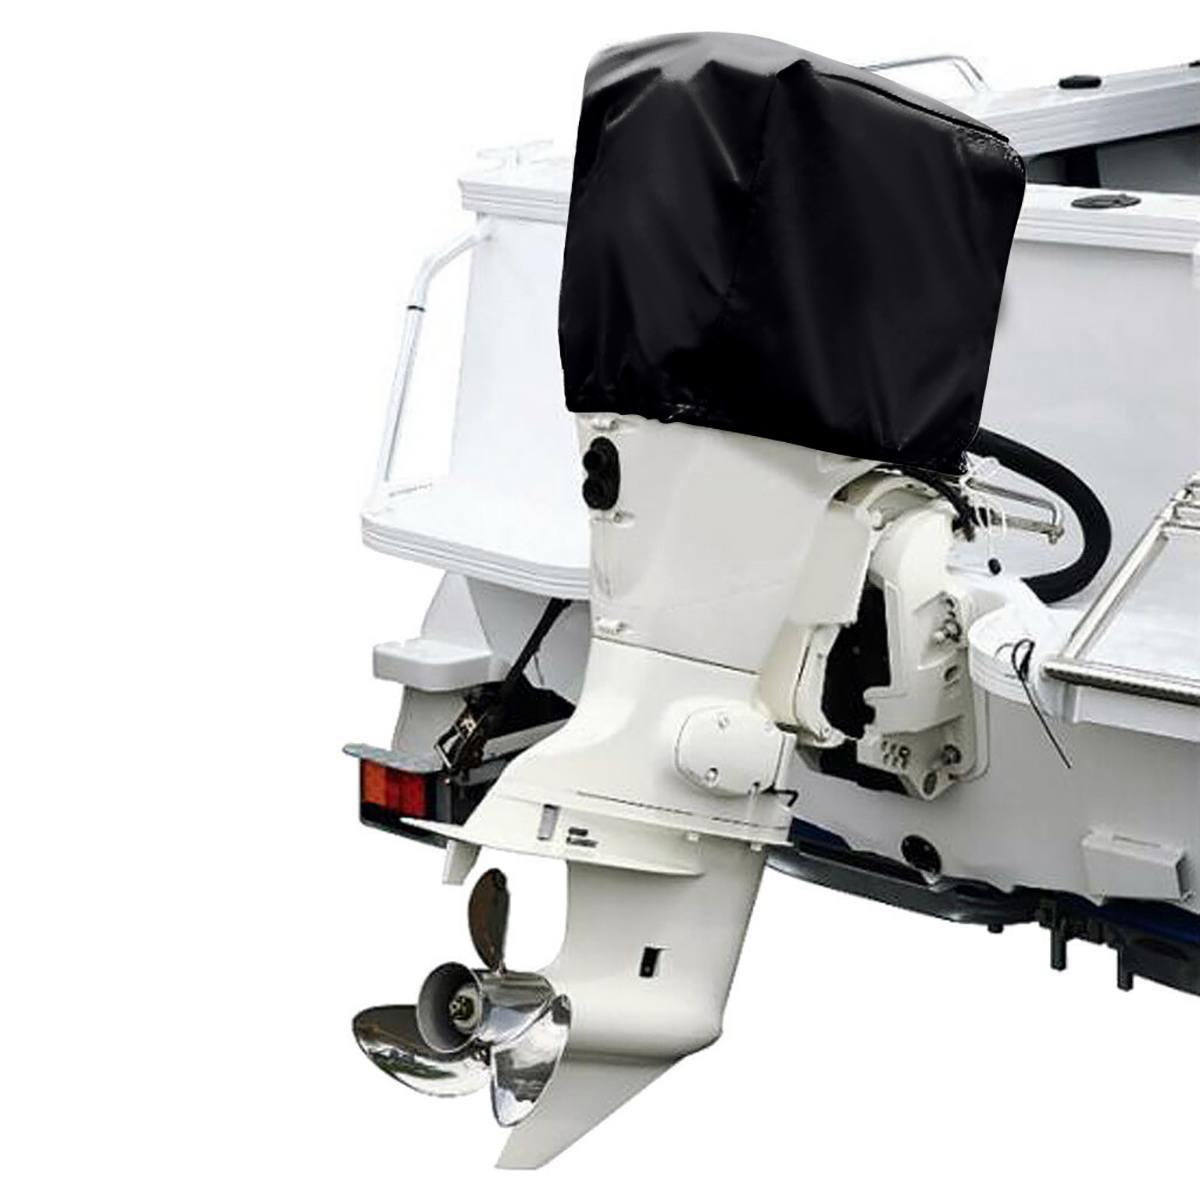 Wasserdicht Universalien Boot 5 15 30 60 100 150 250 300PH Motor Abdeckung Außenbordmotor Protector Abdeckungen